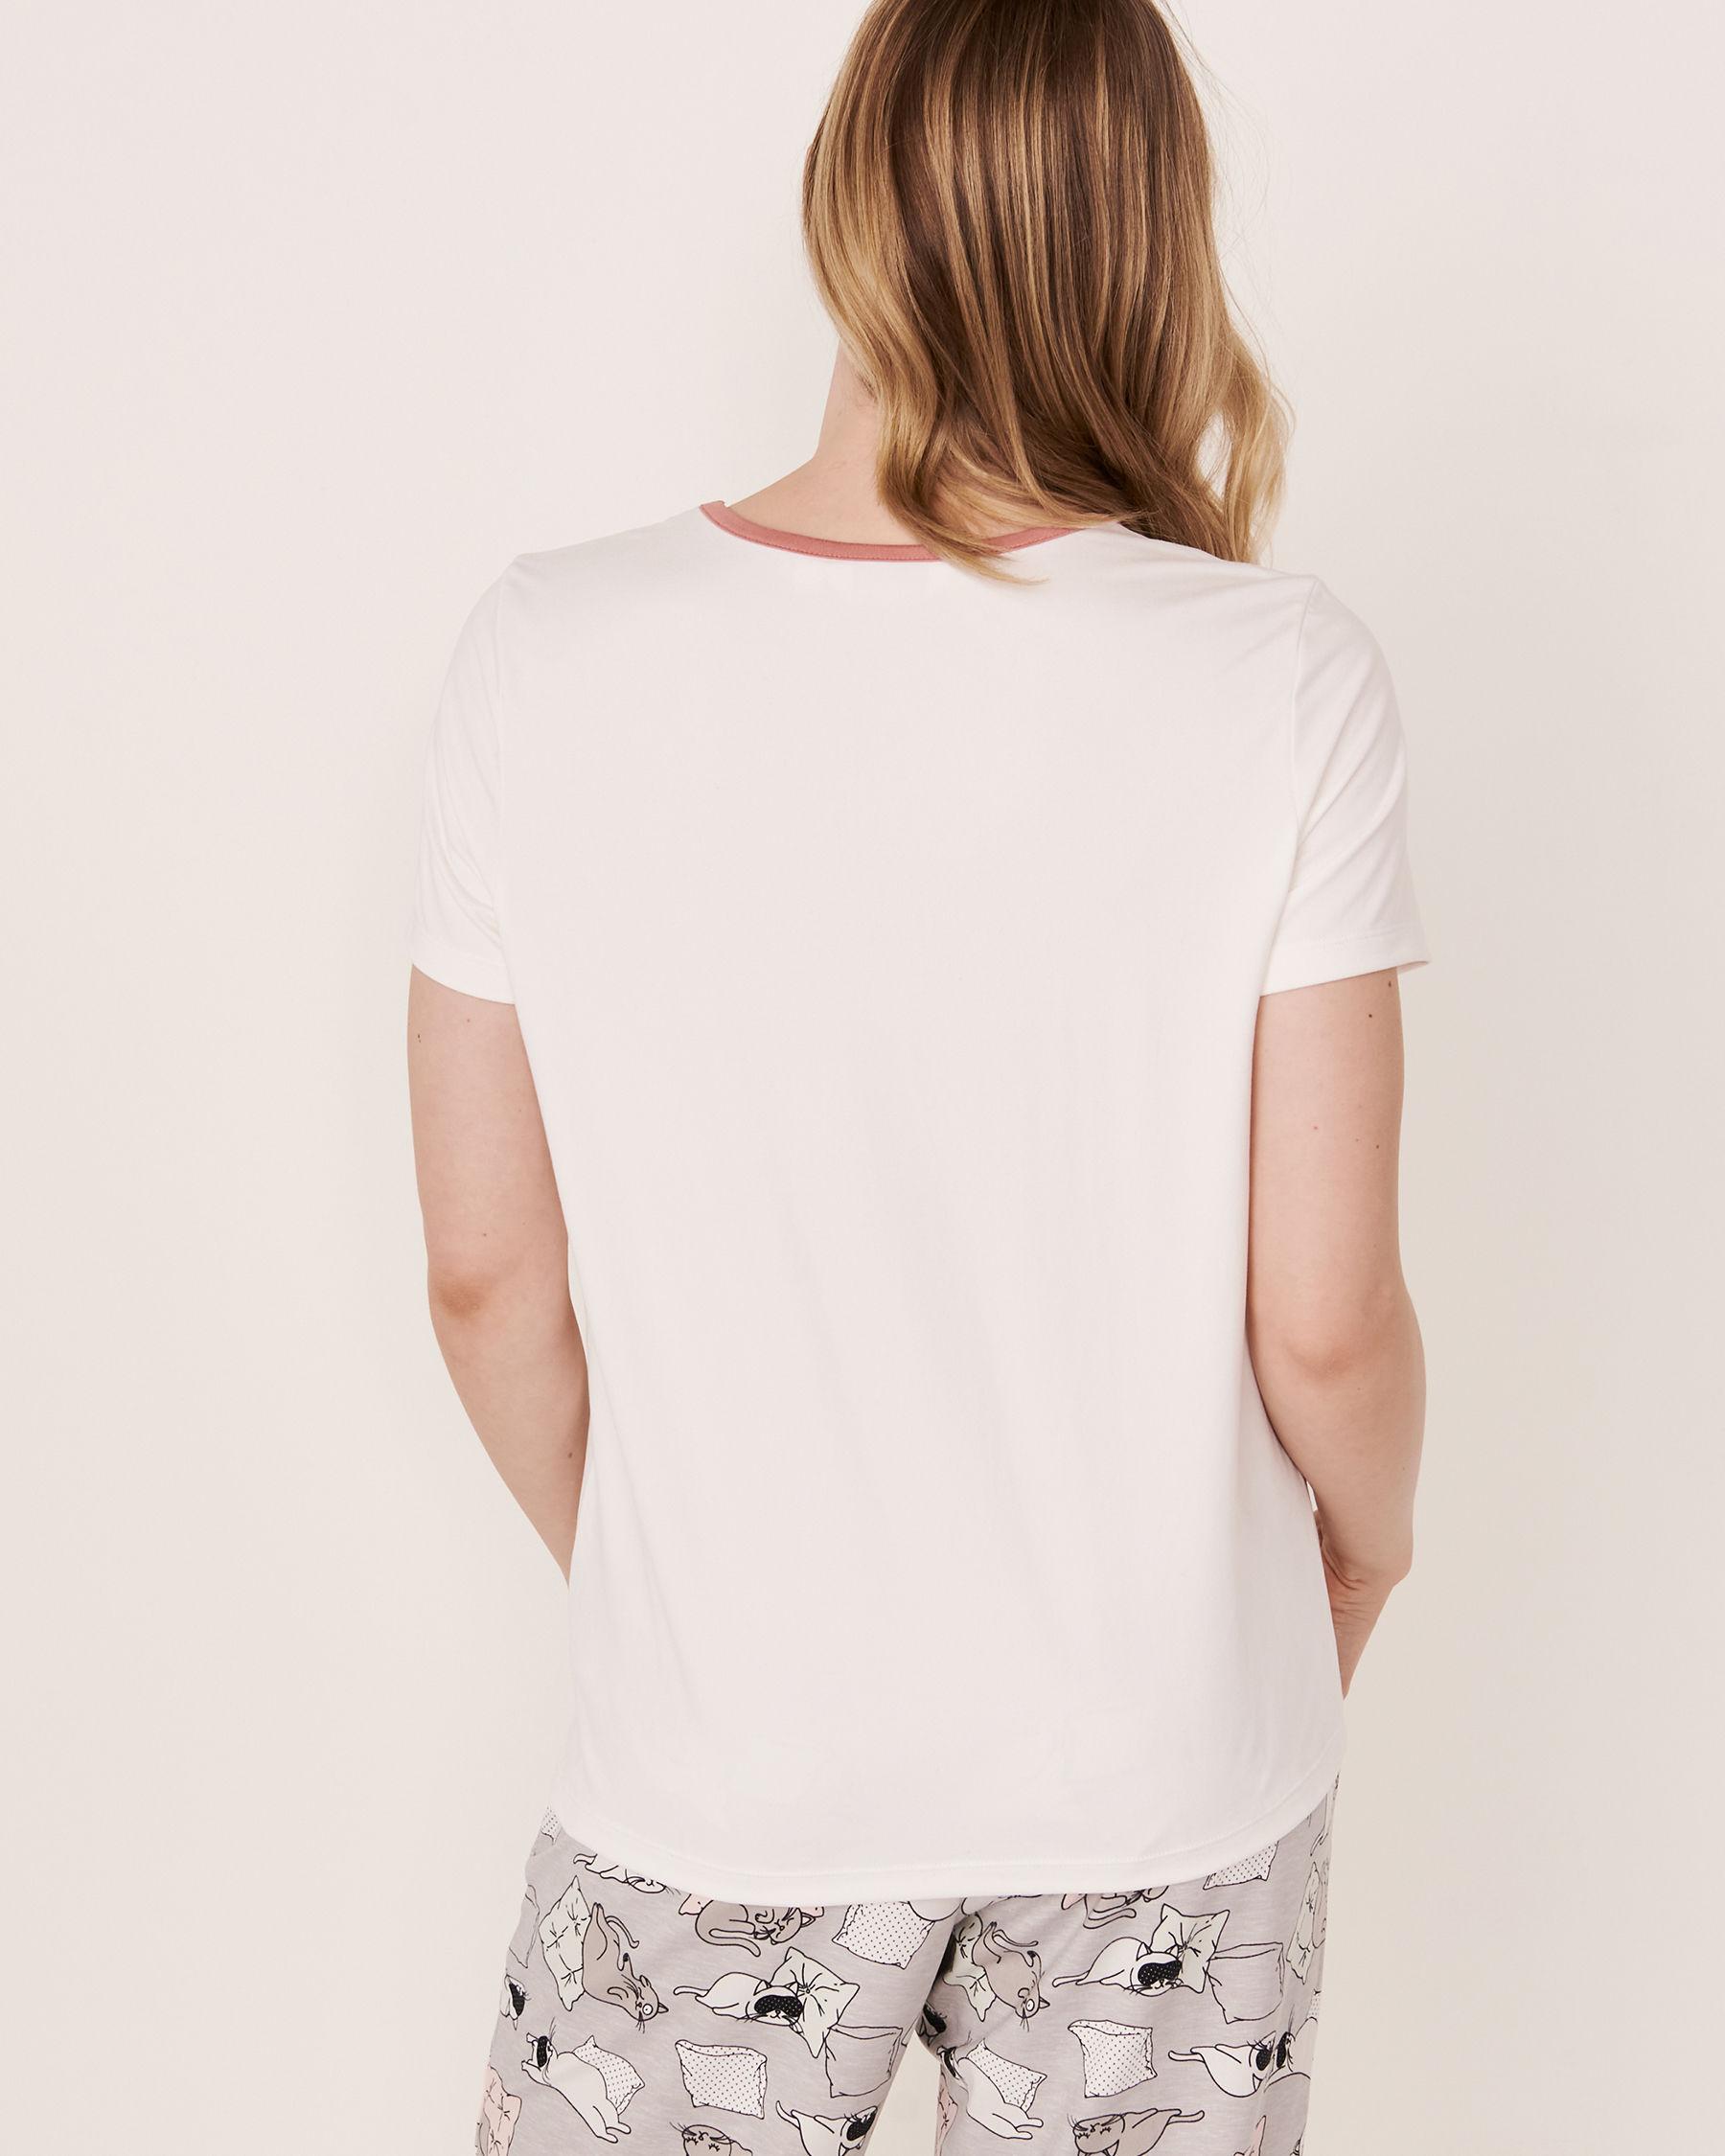 LA VIE EN ROSE 3D Details T-shirt White 40100085 - View3